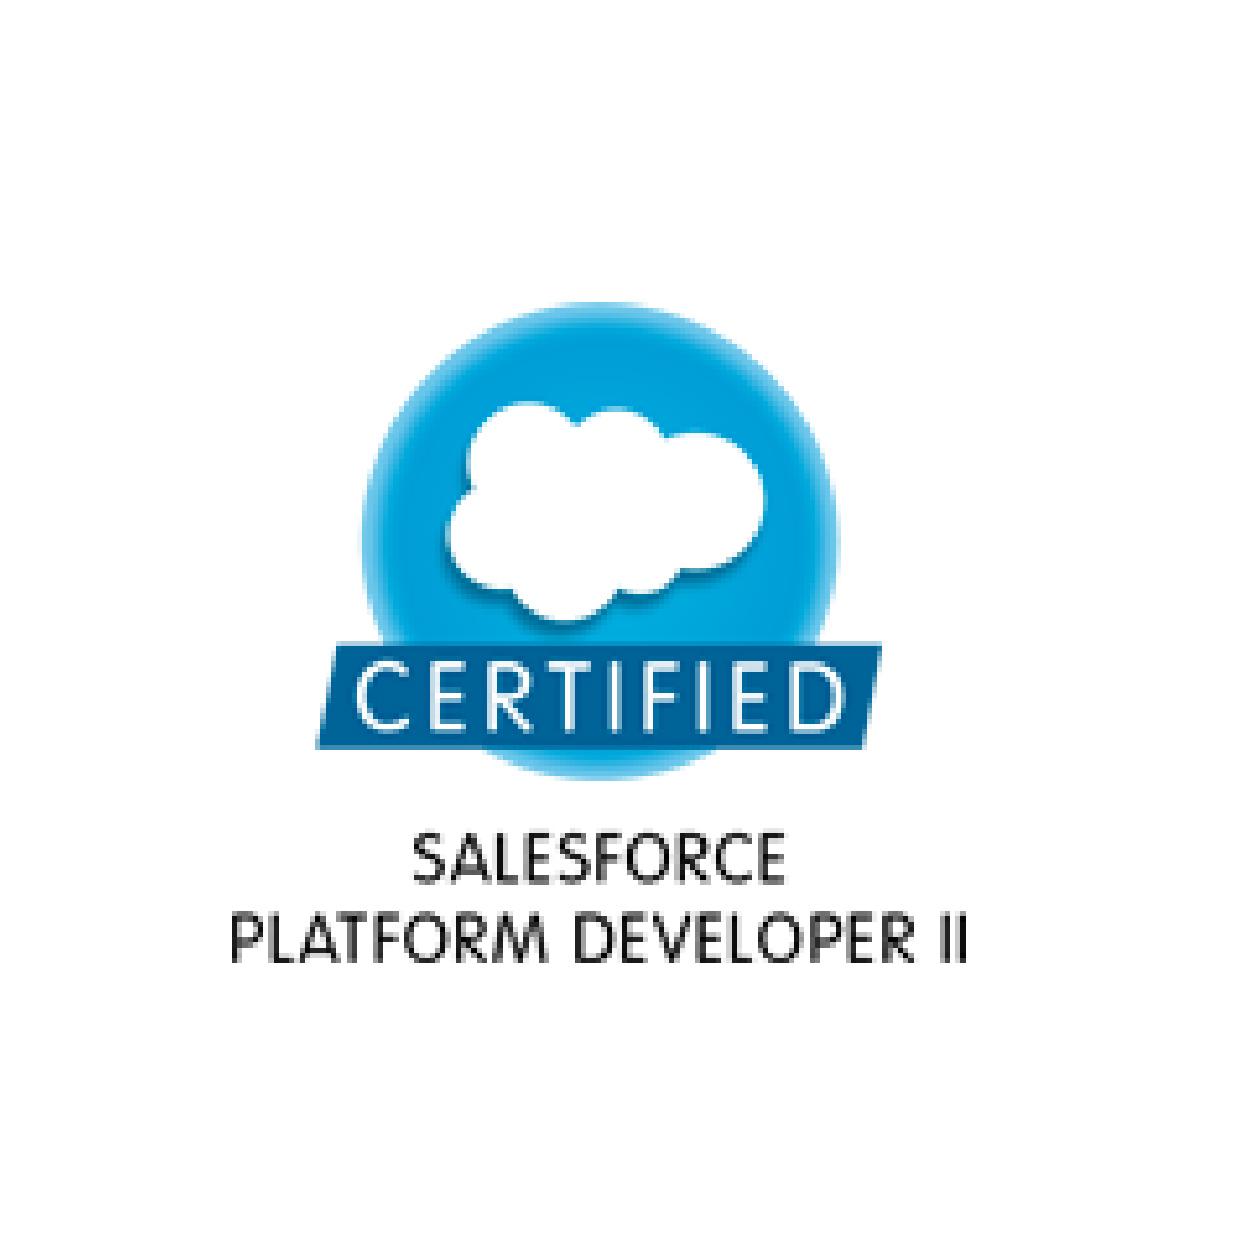 salesforce_certified-06.jpg